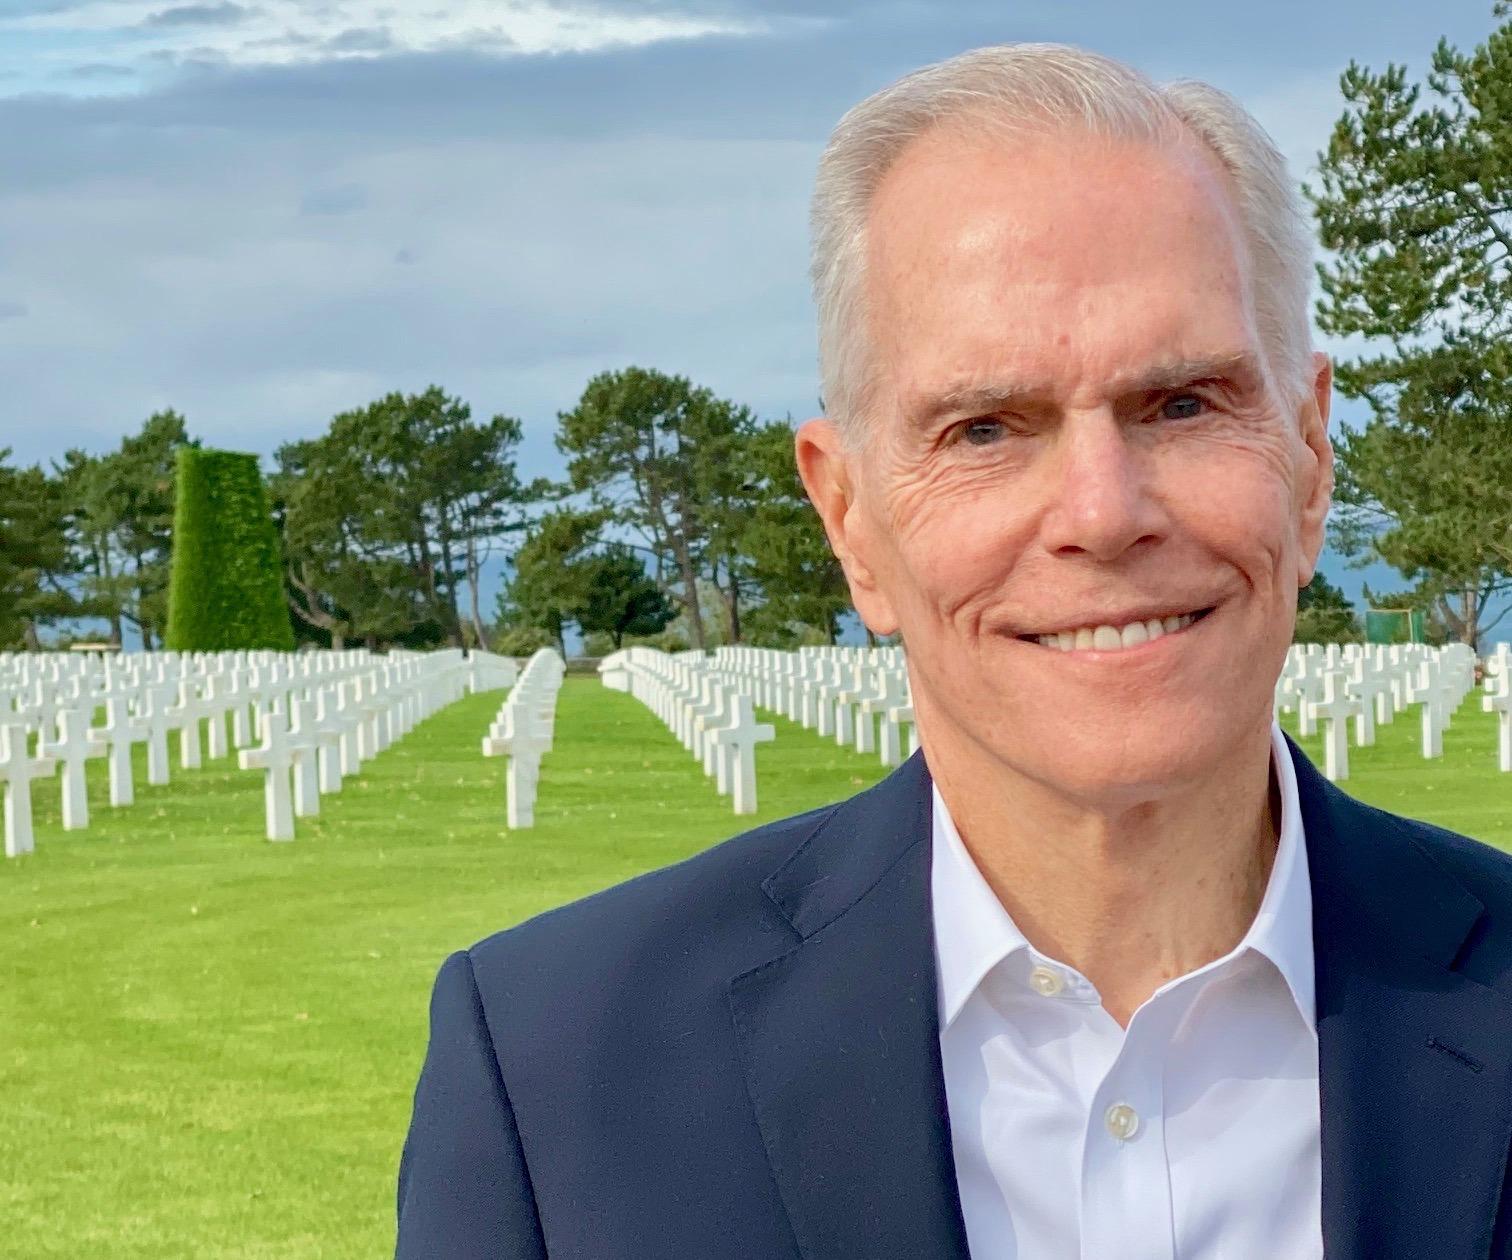 george sink sr joins veterans to honor